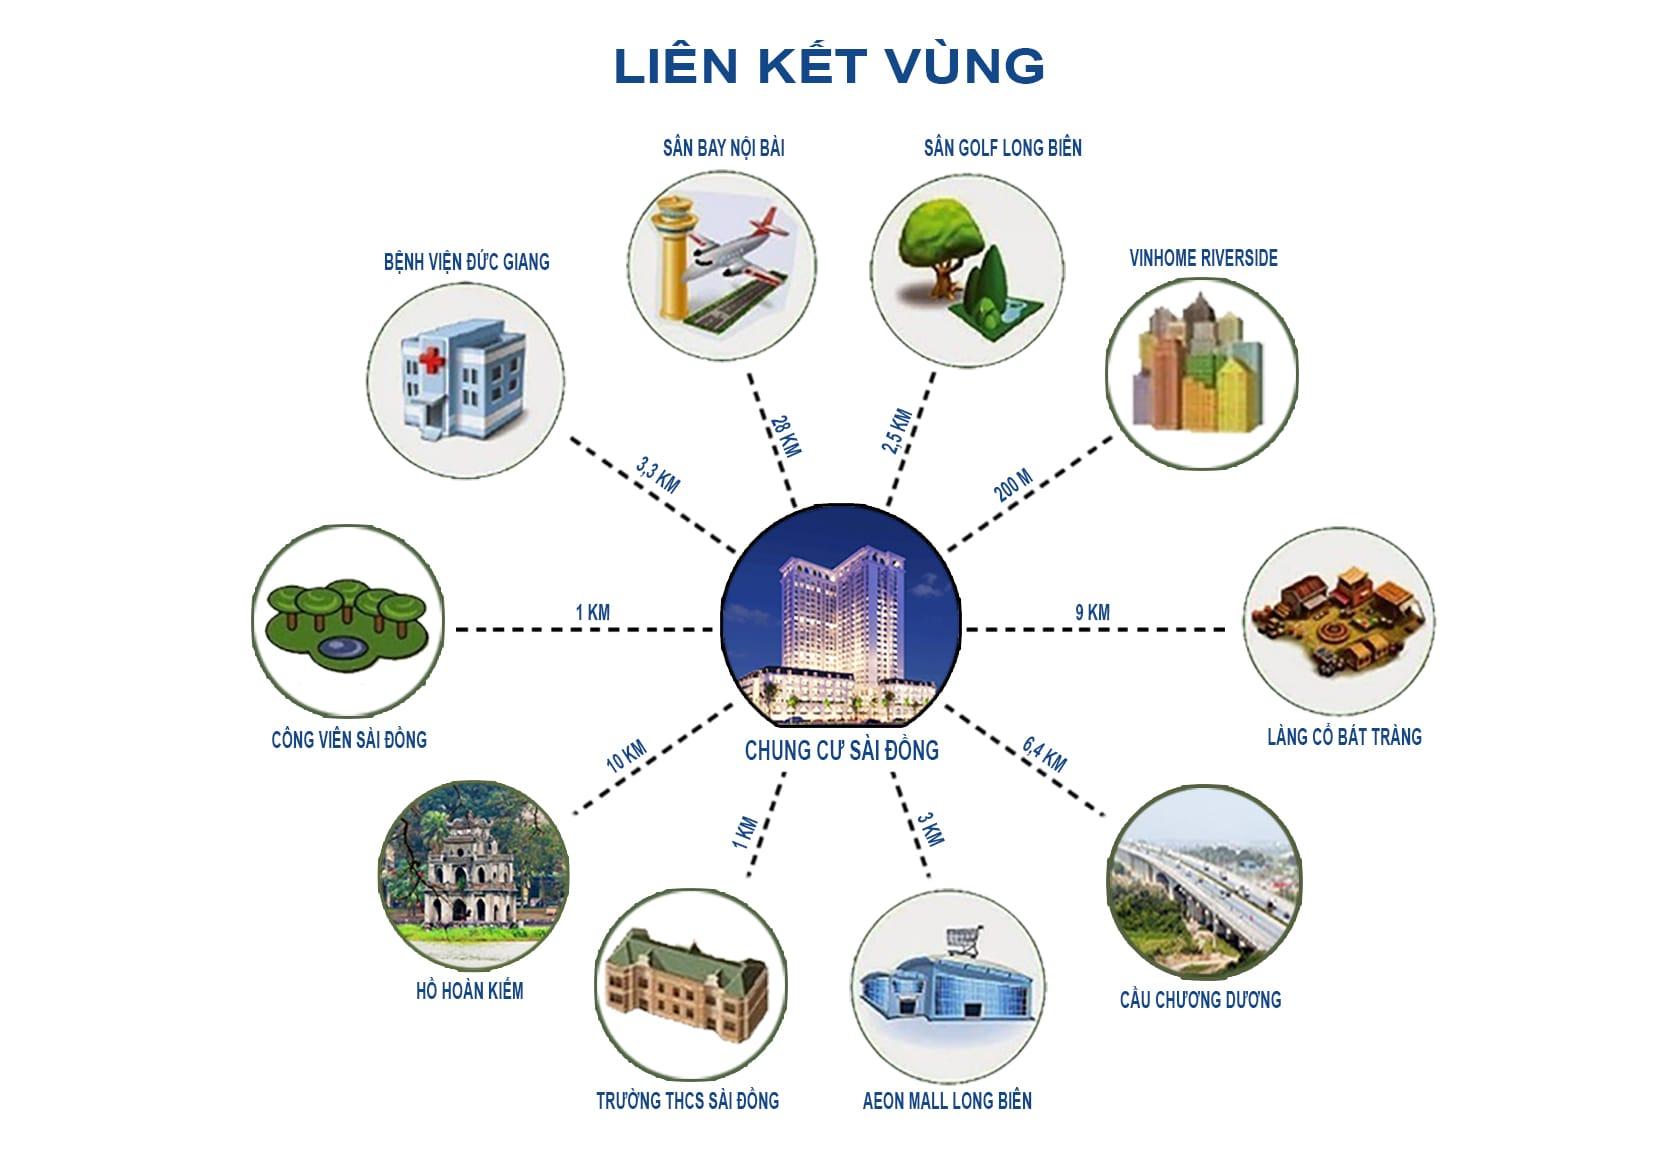 lien-ket-vùng-chung-cu-sai-dong